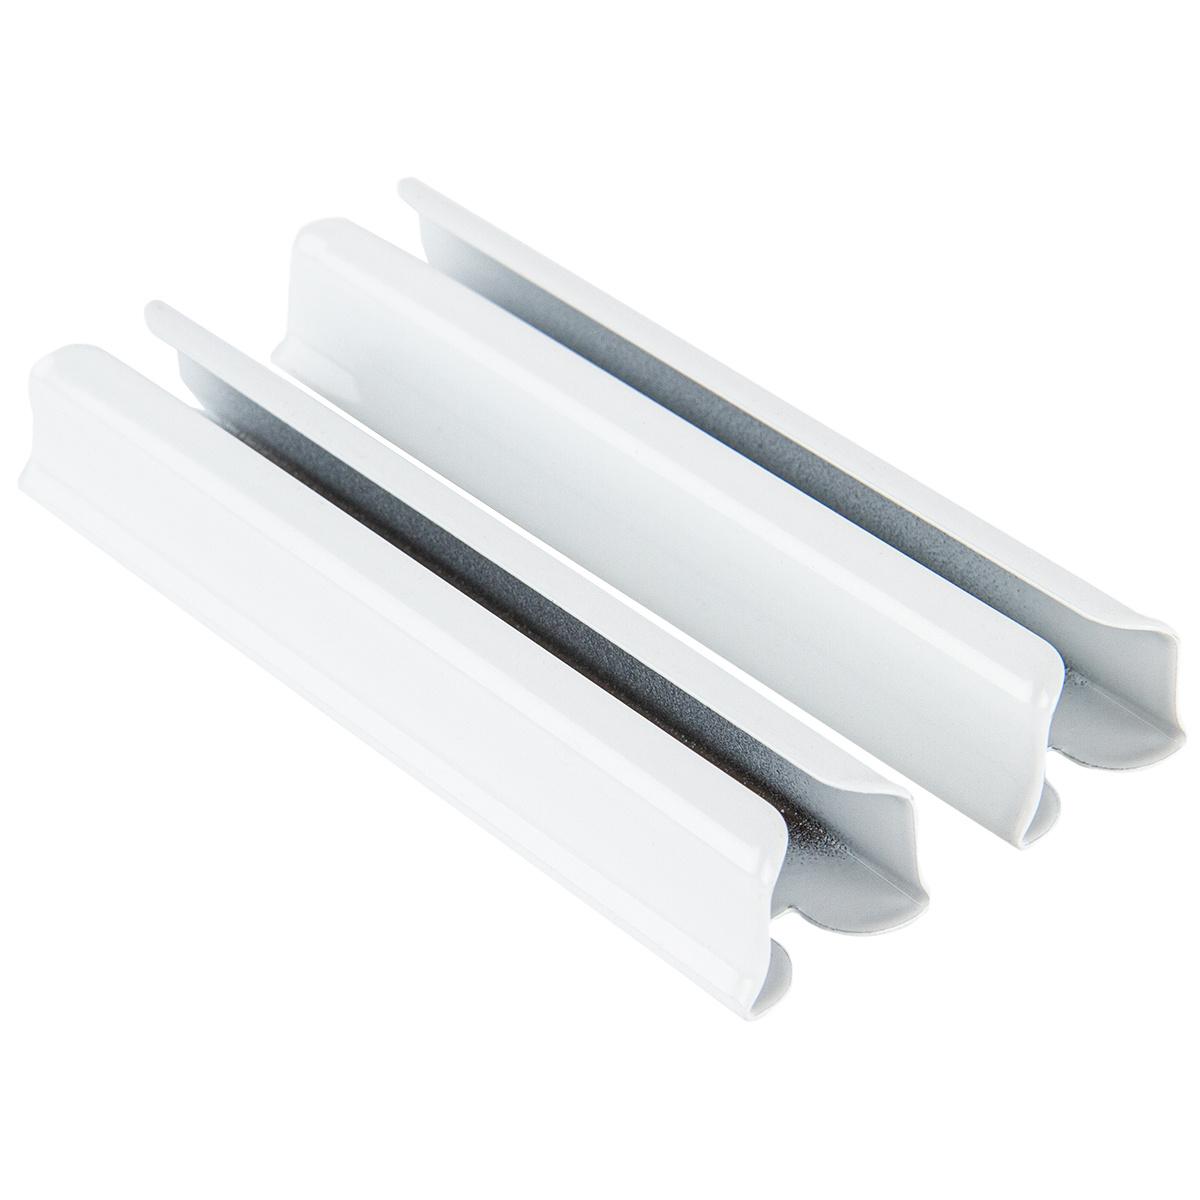 SP Trend Kovová spojka kolejniček Deluxe bílá, 5cm, sada 2 ks